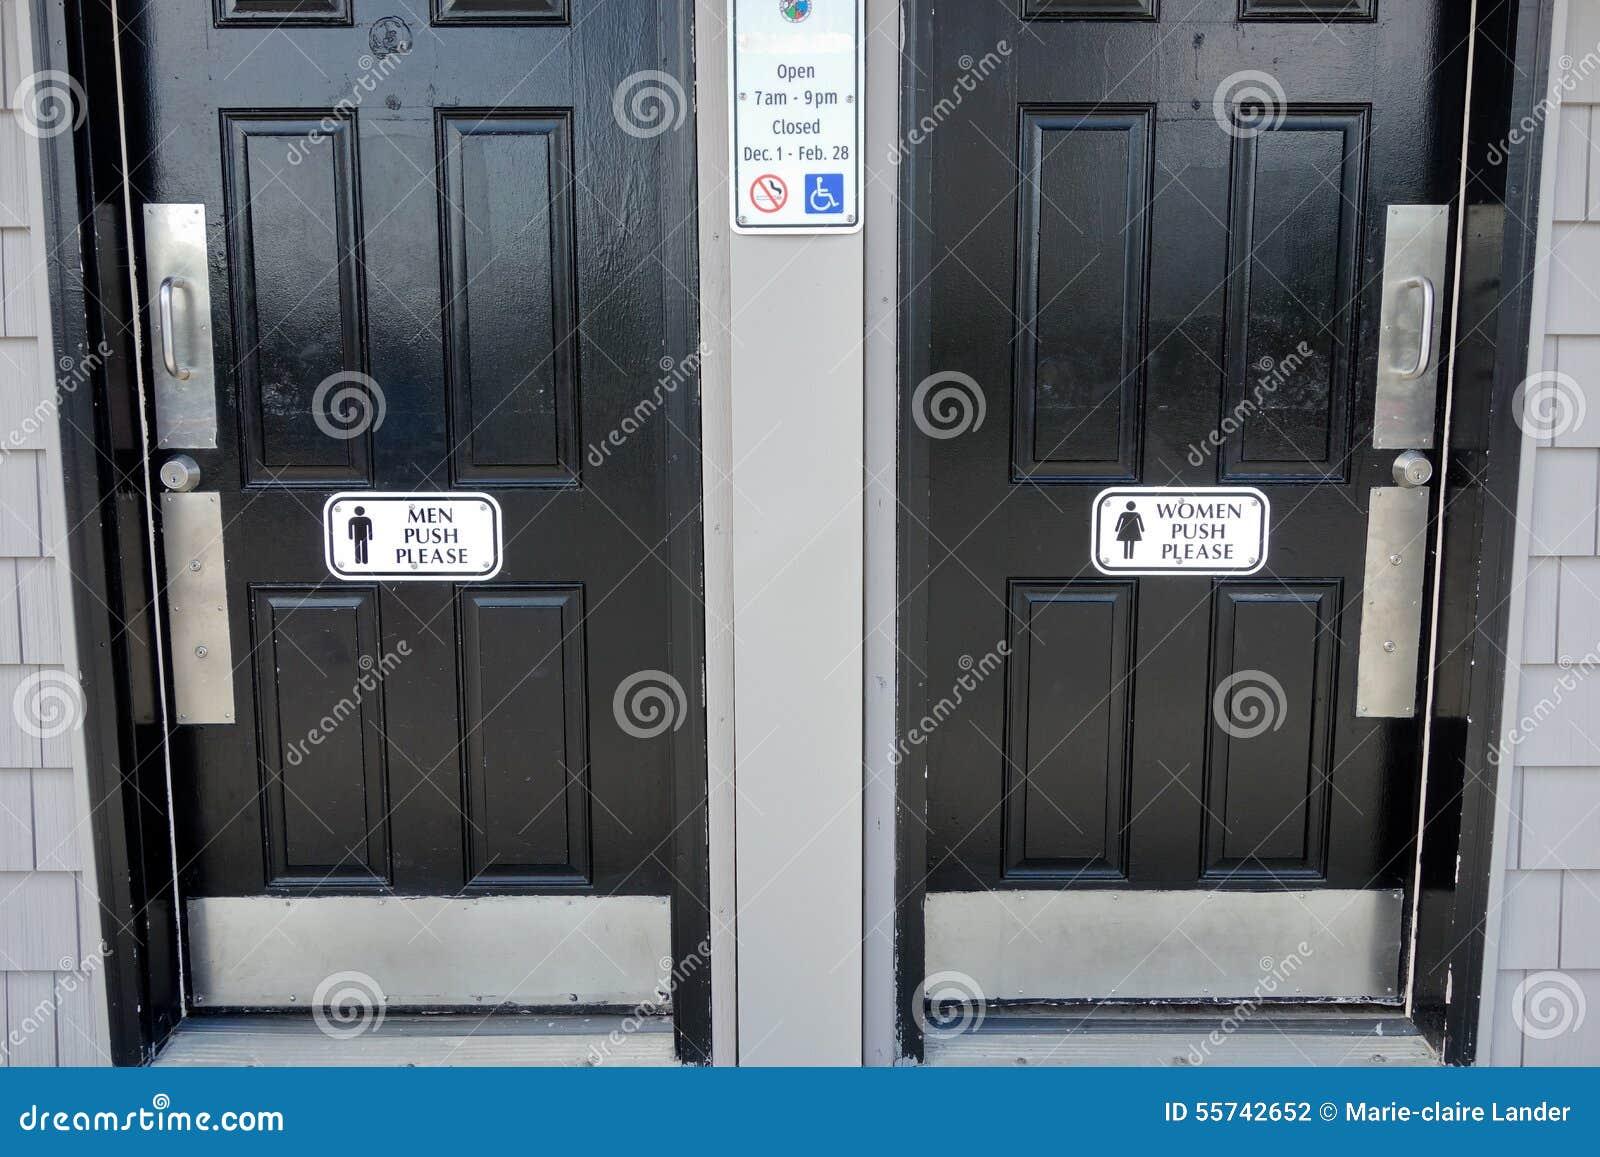 Men Women Black Bathroom Doors With Push Please Sign On Door